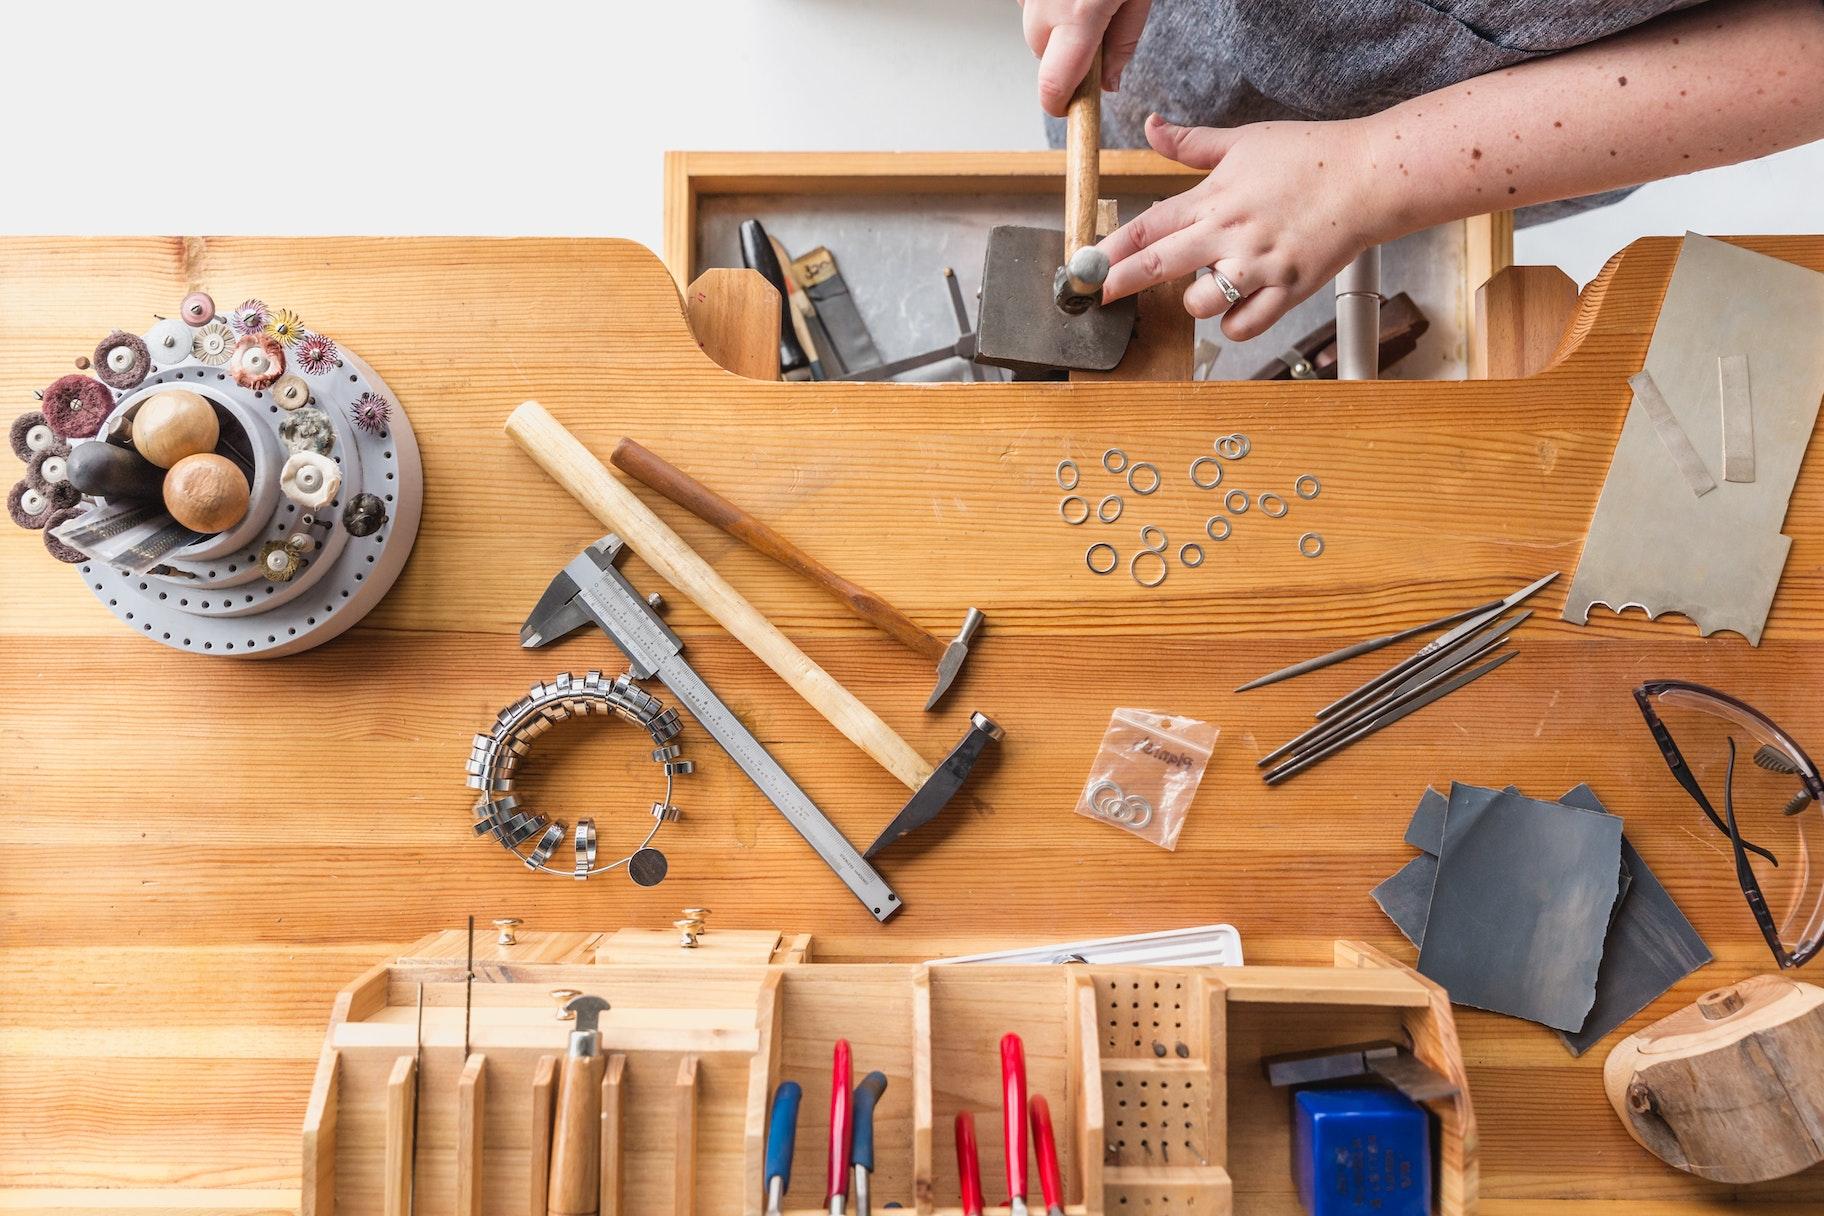 Come guadagnare da casa con prodotti artigianali